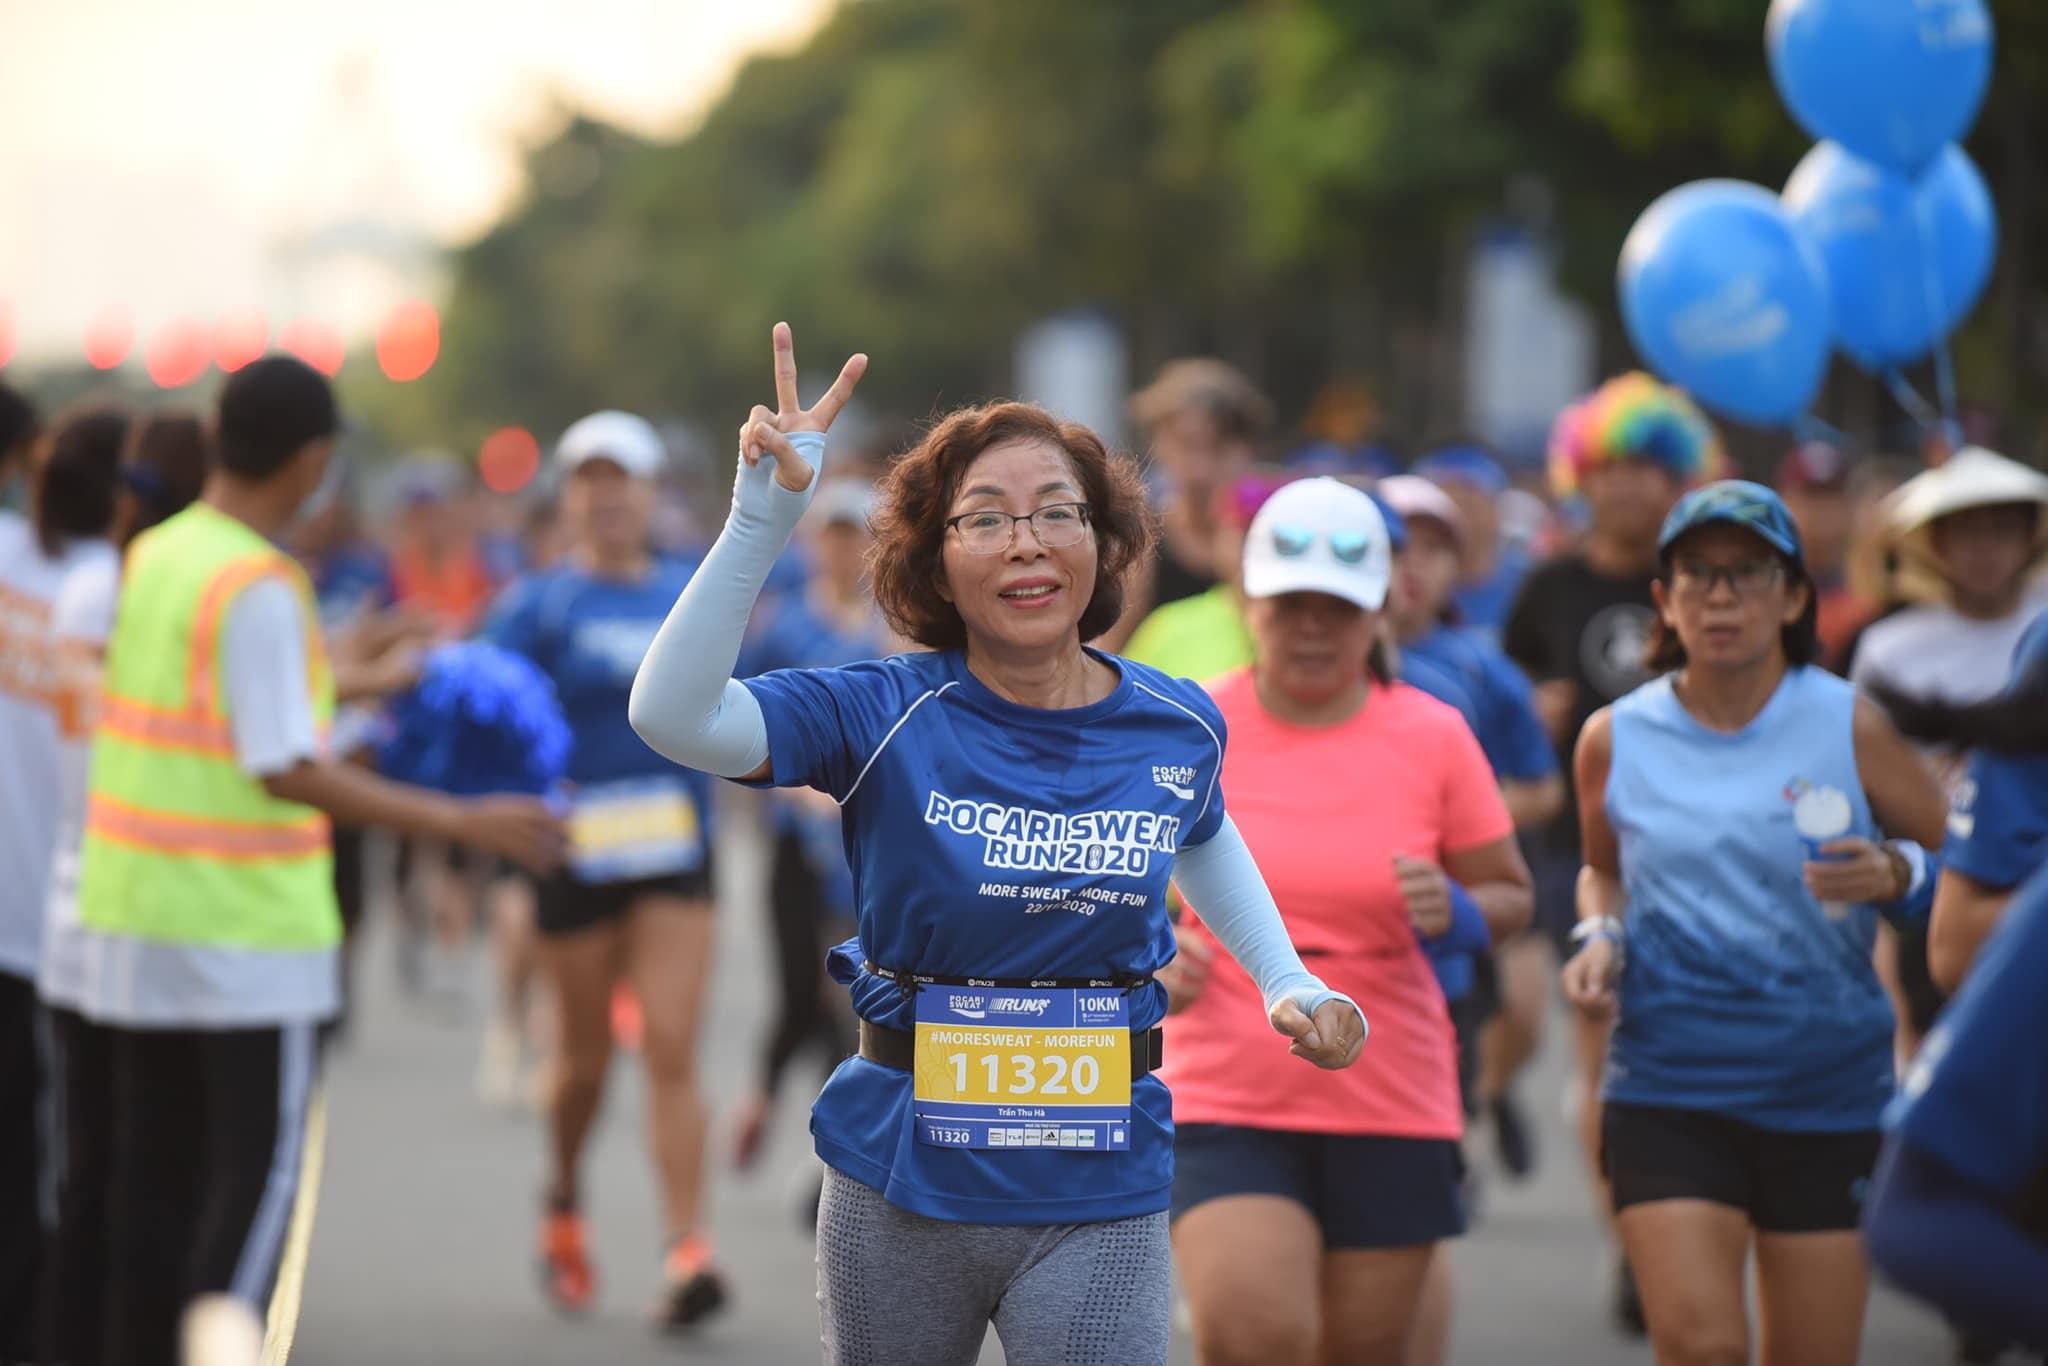 Cong ty to chuc giai chay Marathon chuyen nghiep 54